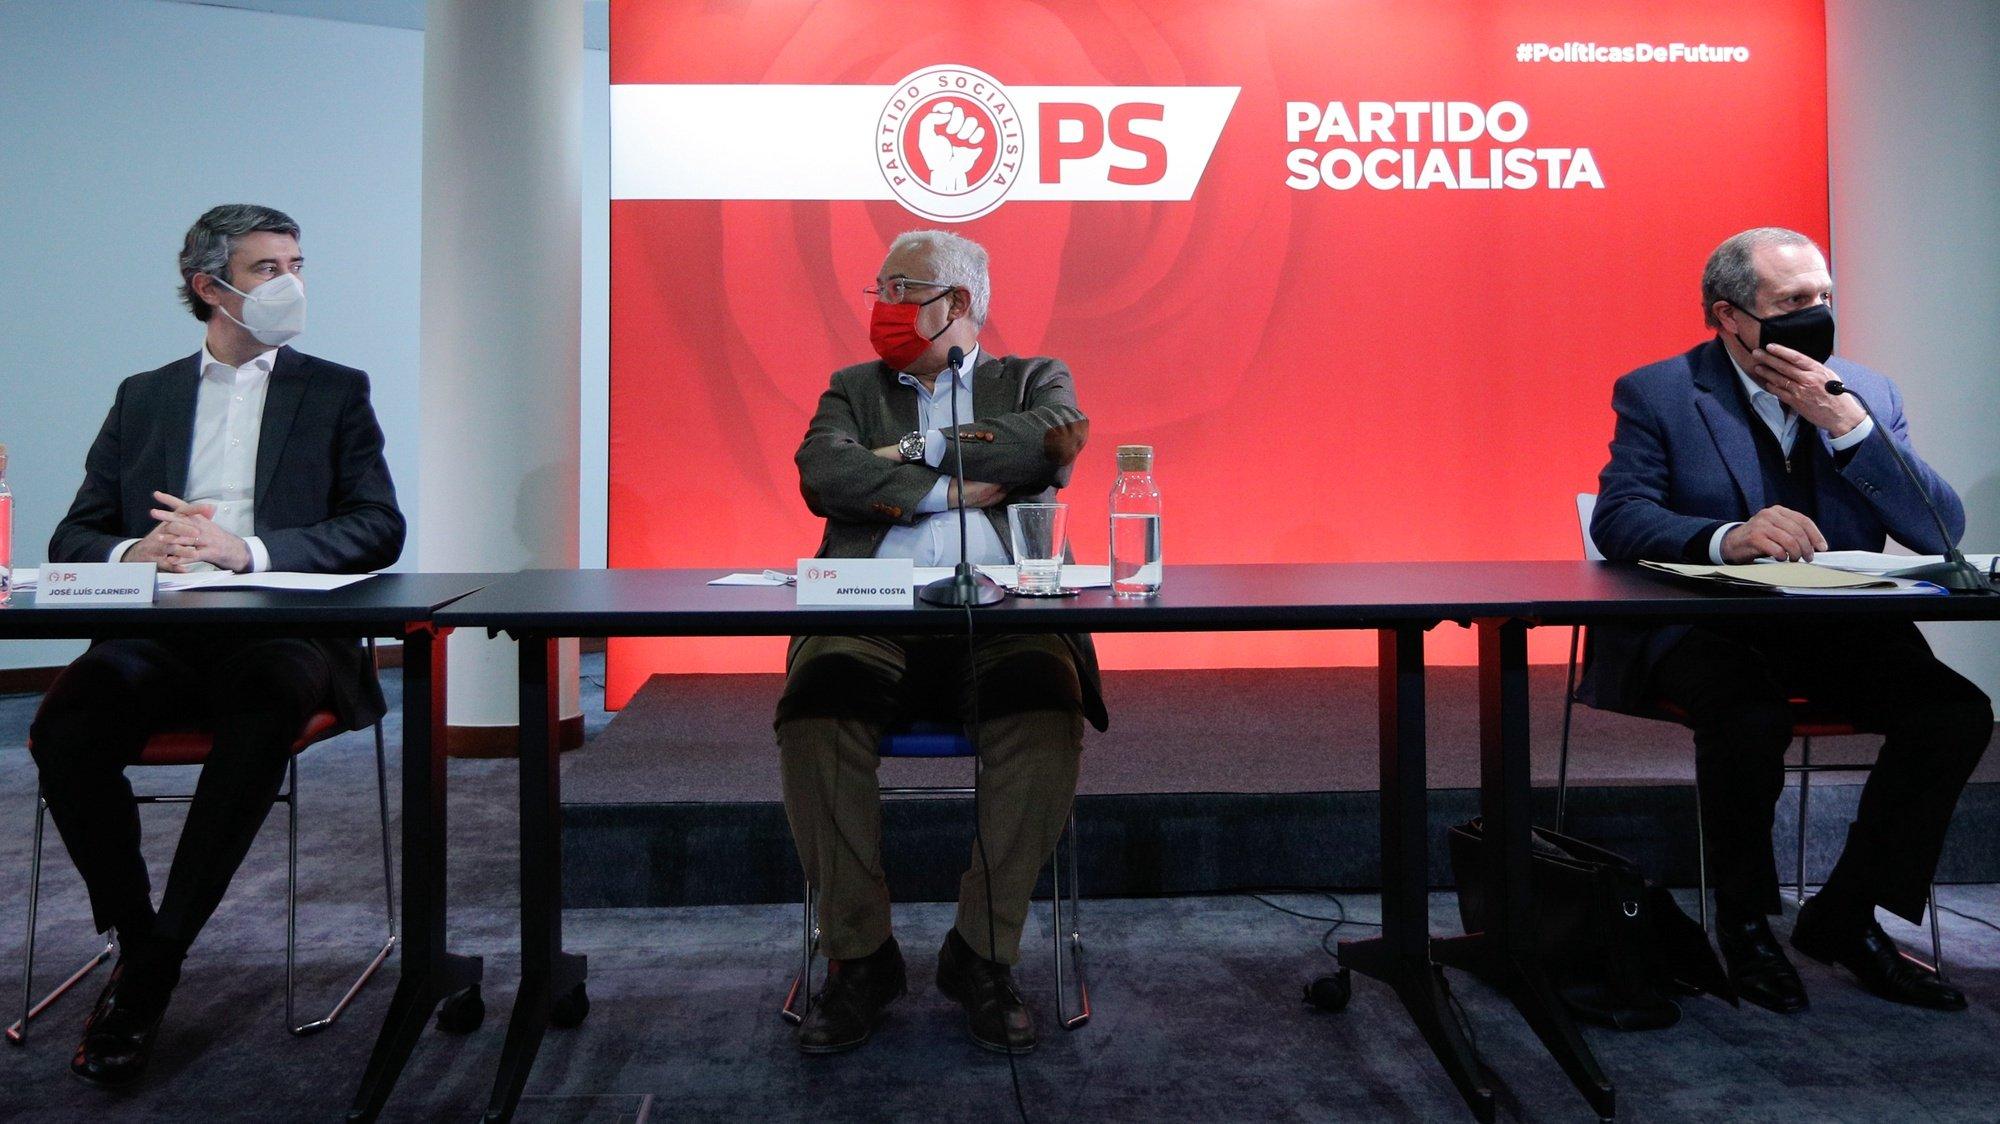 O secretário-geral do Partido Socialista (PS) , António Costa (C), ladeado por José Luis Carneiro (E), e pelo presidente do partido, Carlos César (D), durante a reunião da Comissão Nacional do PS, para aprovar a data e as alterações ao regulamento do XXIII Congresso, previsto para 10 e 11 de julho, bem como as datas da eleição do secretário-geral e da presidente das Mulheres Socialistas, em Lisboa, 20 de março de 2021. ANTÓNIO COTRIM/LUSA